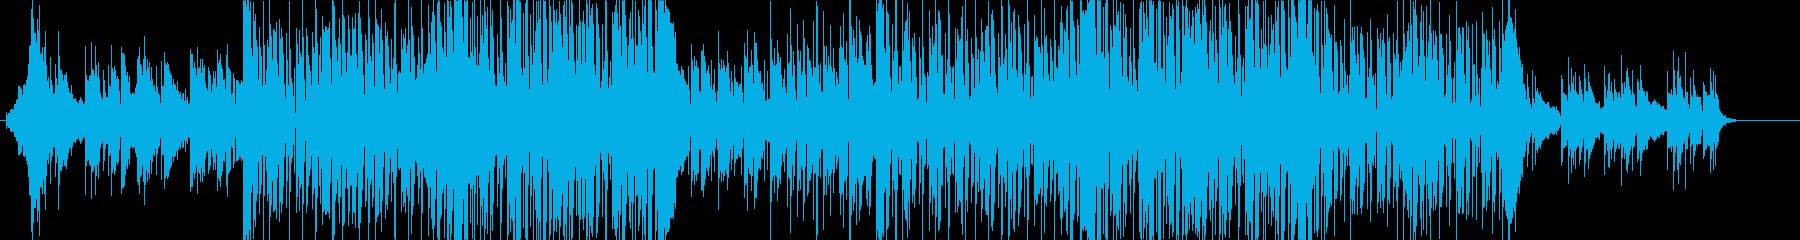 ◆オシャレな爽やか系Futurebassの再生済みの波形